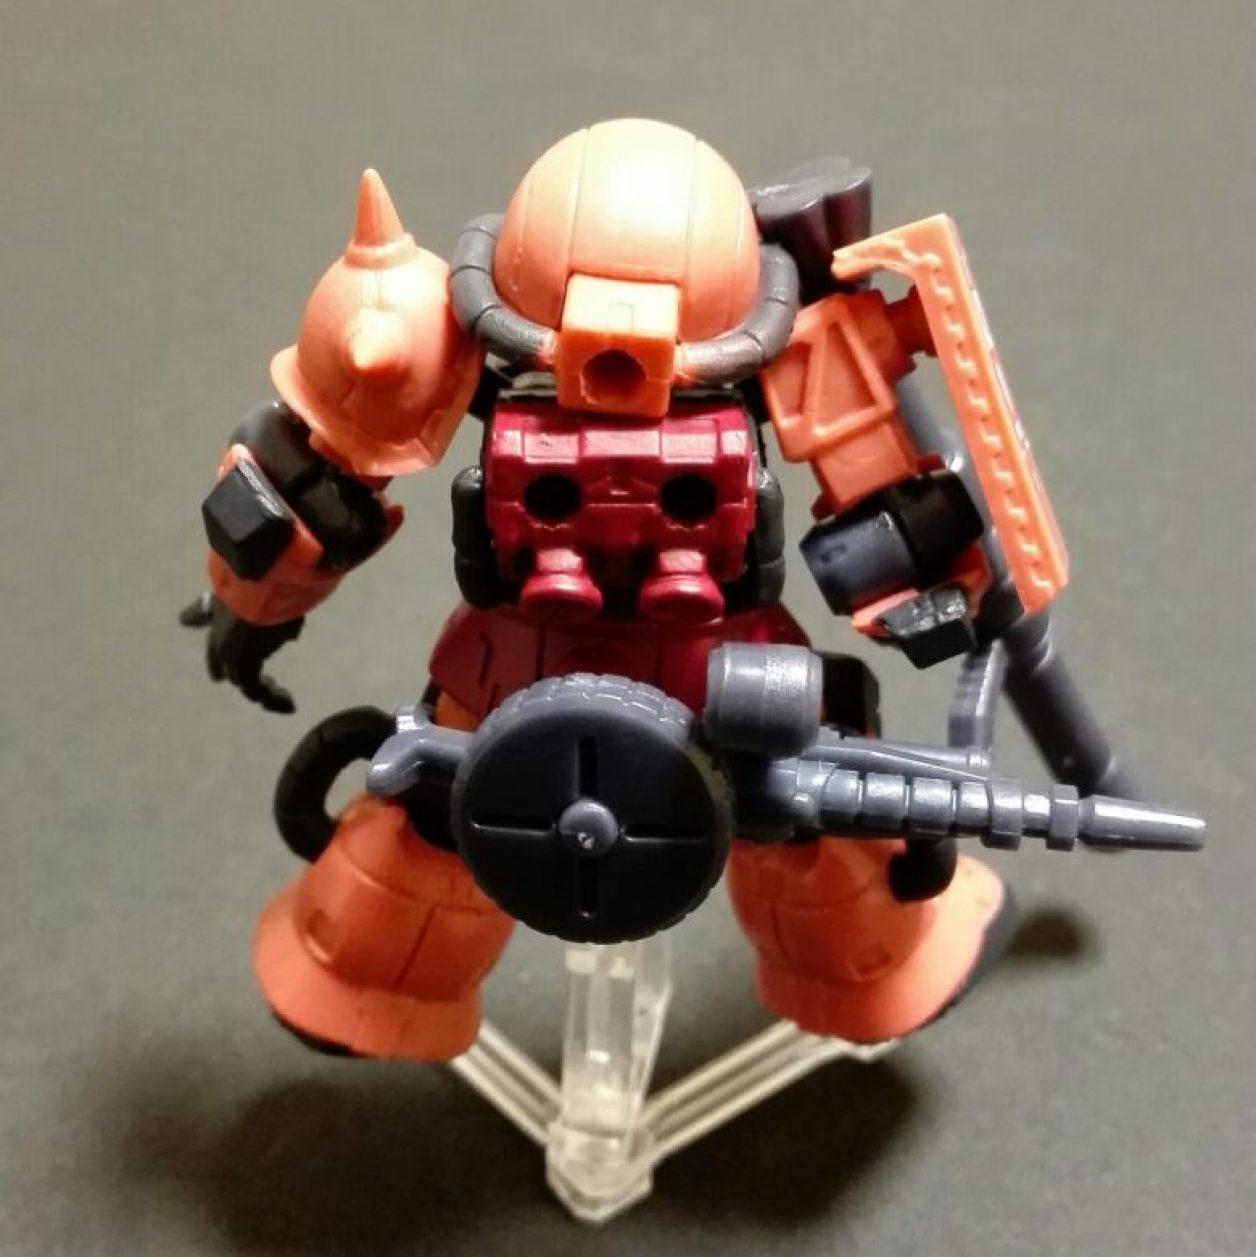 MOBILE SUIT ENSEMBLE 00弾より機動戦士ガンダム the origineに登場するジオン公国軍のシャア専用ザク(ルウムver.)の画像